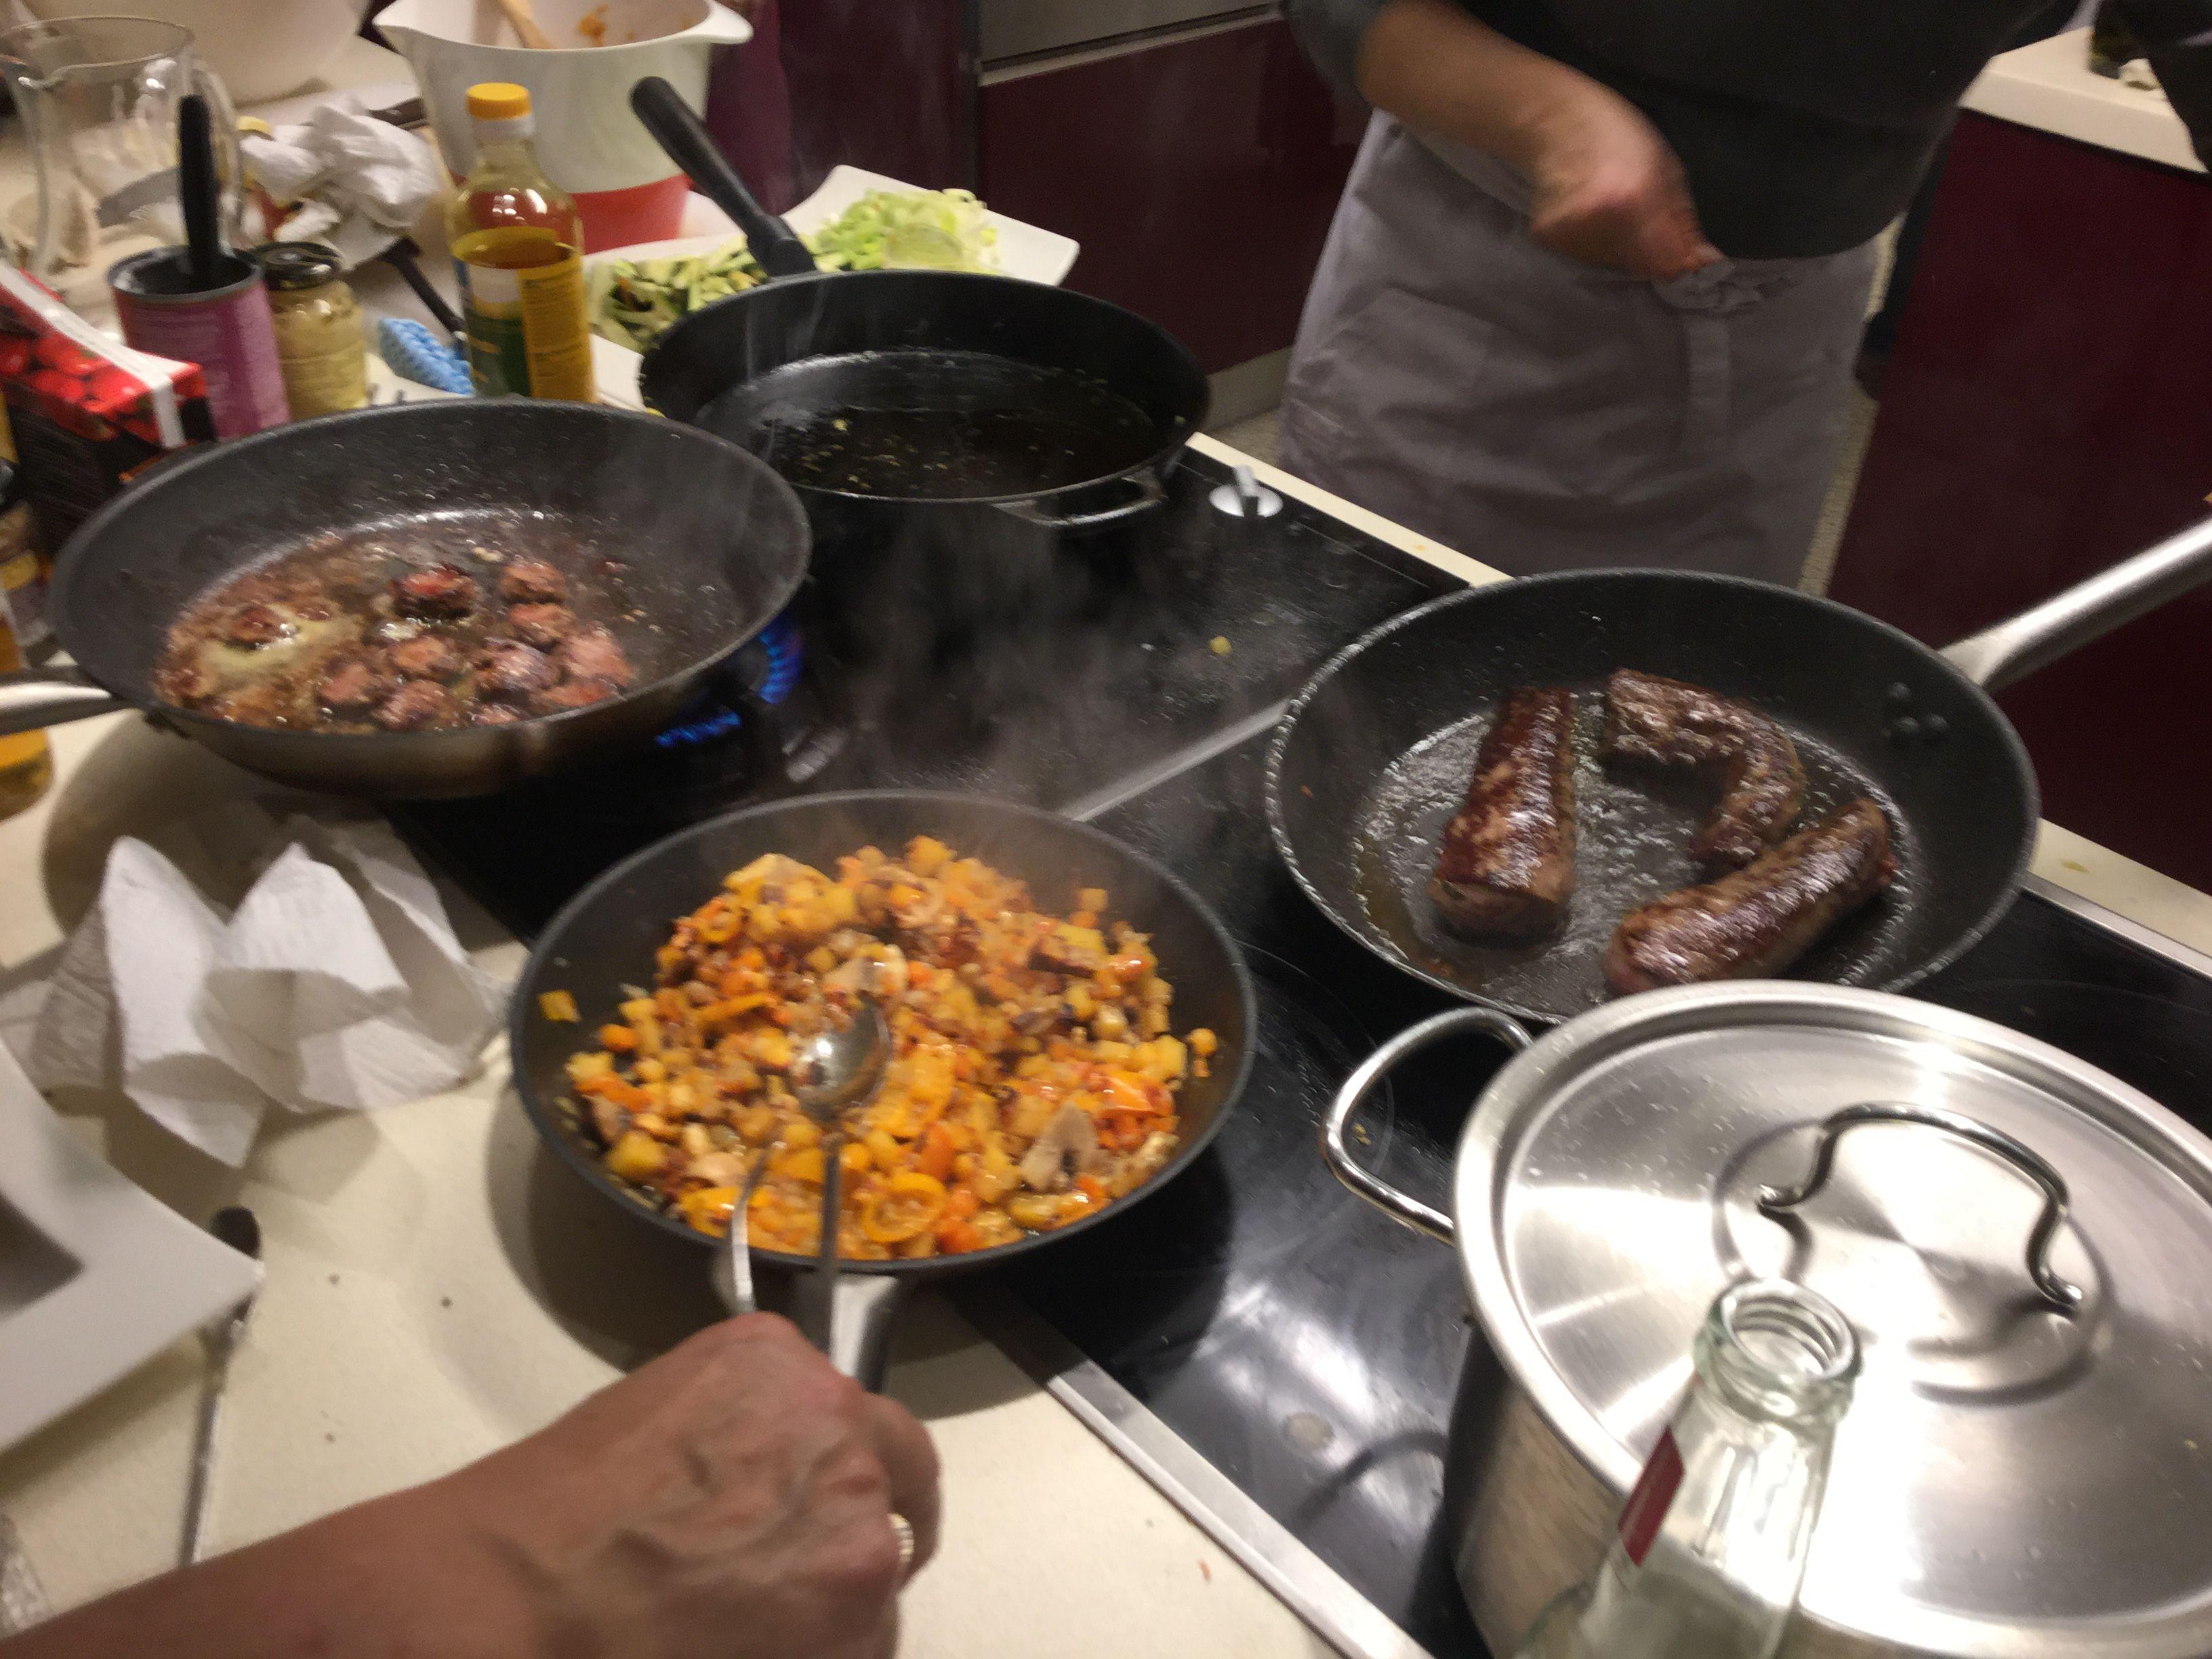 Lammas-sieni-sipuli-paparika paistos: Lanttu, Sipuli ja selleri viipaloidaan ja keitetään kevyesti. Sekoitetaan panulla paistettavien sekaan. Lammasta, sieniä, paprikaa, porkkanaa paistetaan pannulla ripauksessa öljyä, maustetaan maun mukaan mustallapippurilla ja suolalla. Sekoitetaan ja nautitaan!